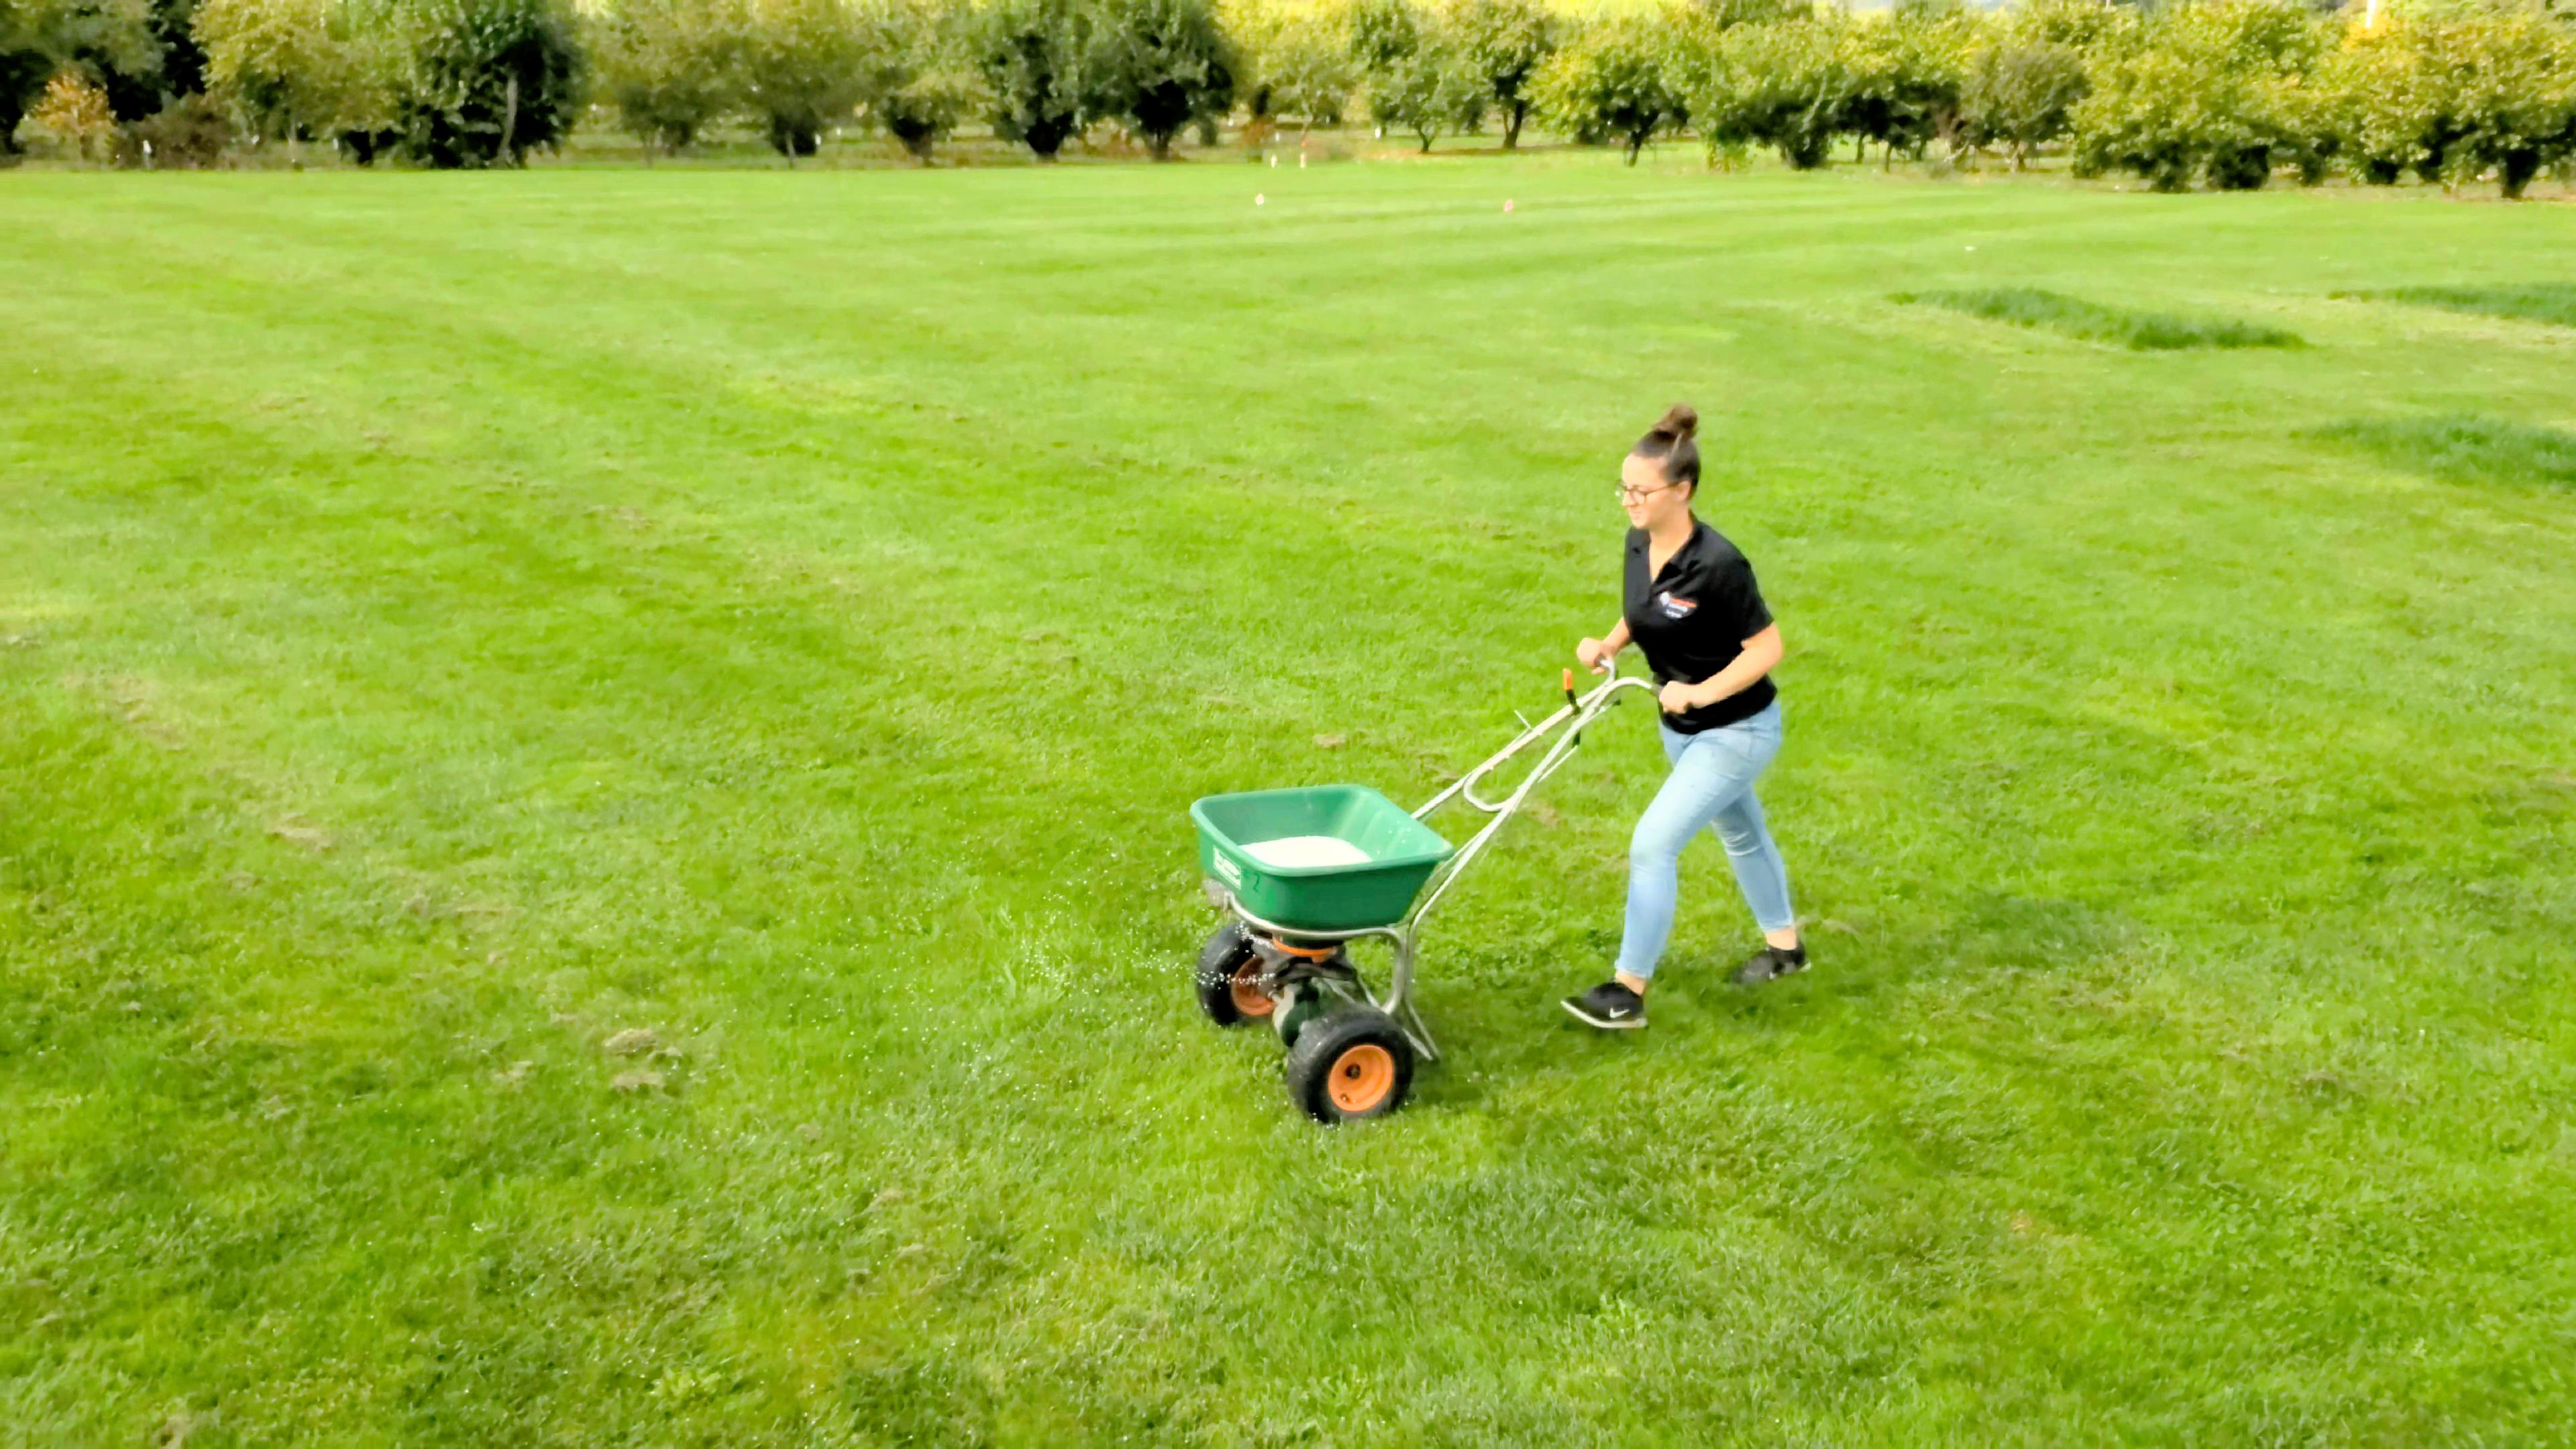 Woman pushing a fertilizer spreader across a field